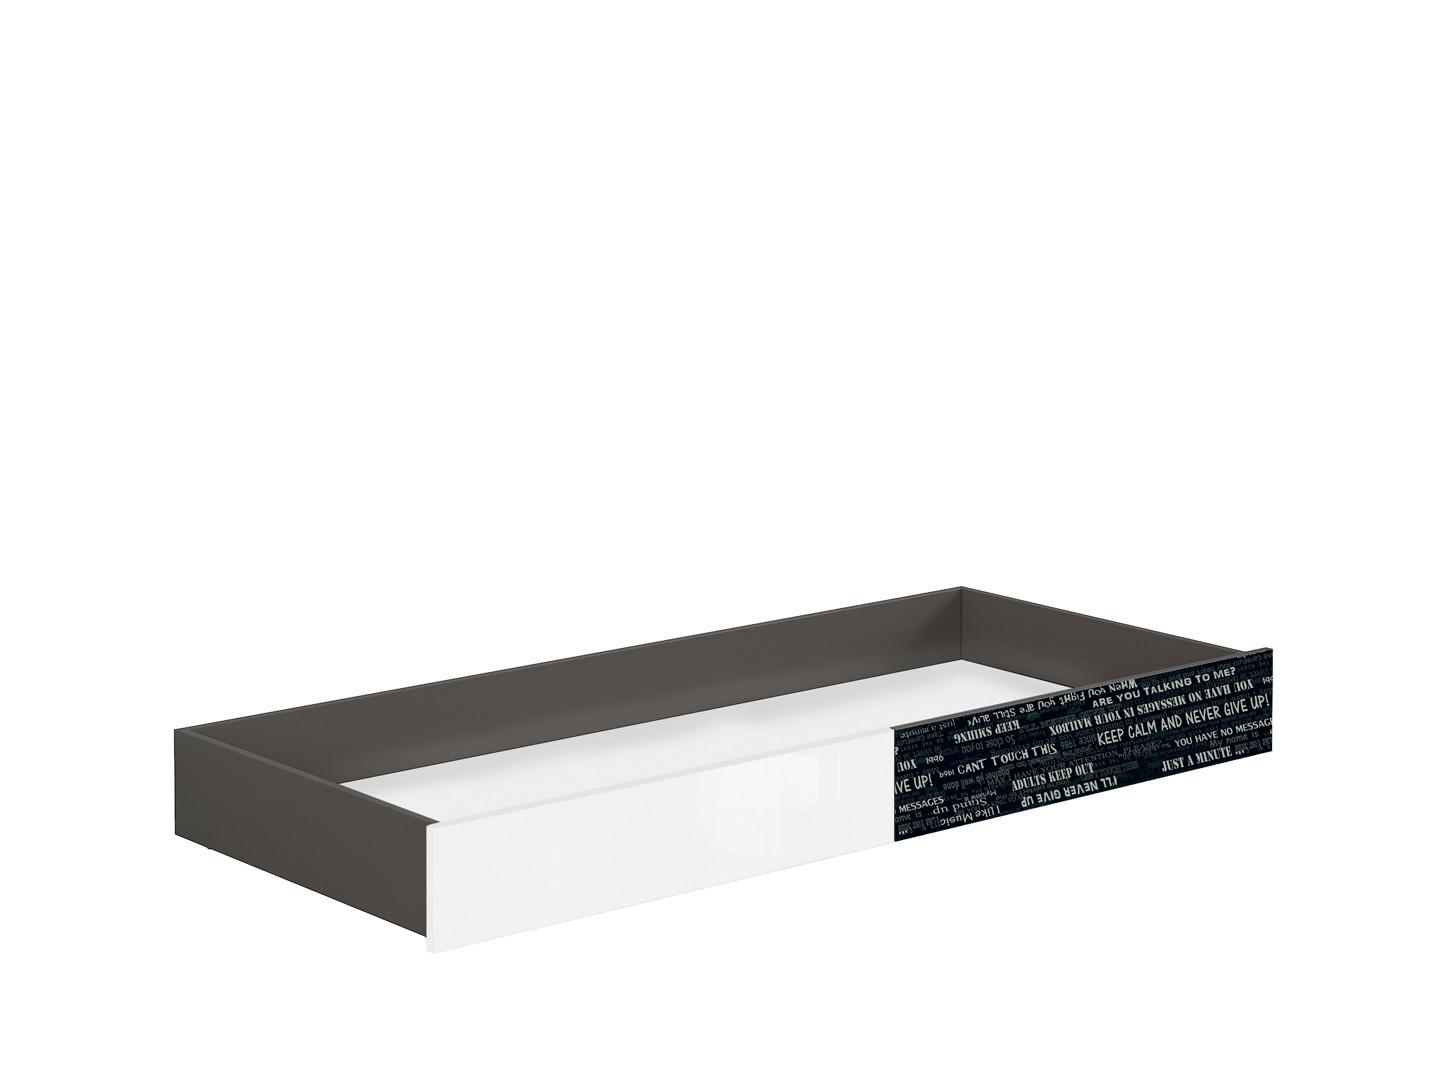 Úložný priestor pod posteľ GRAPHIC SZU/C sivý wolfram/biely zrkadlový lesk/čierny s nádpismi